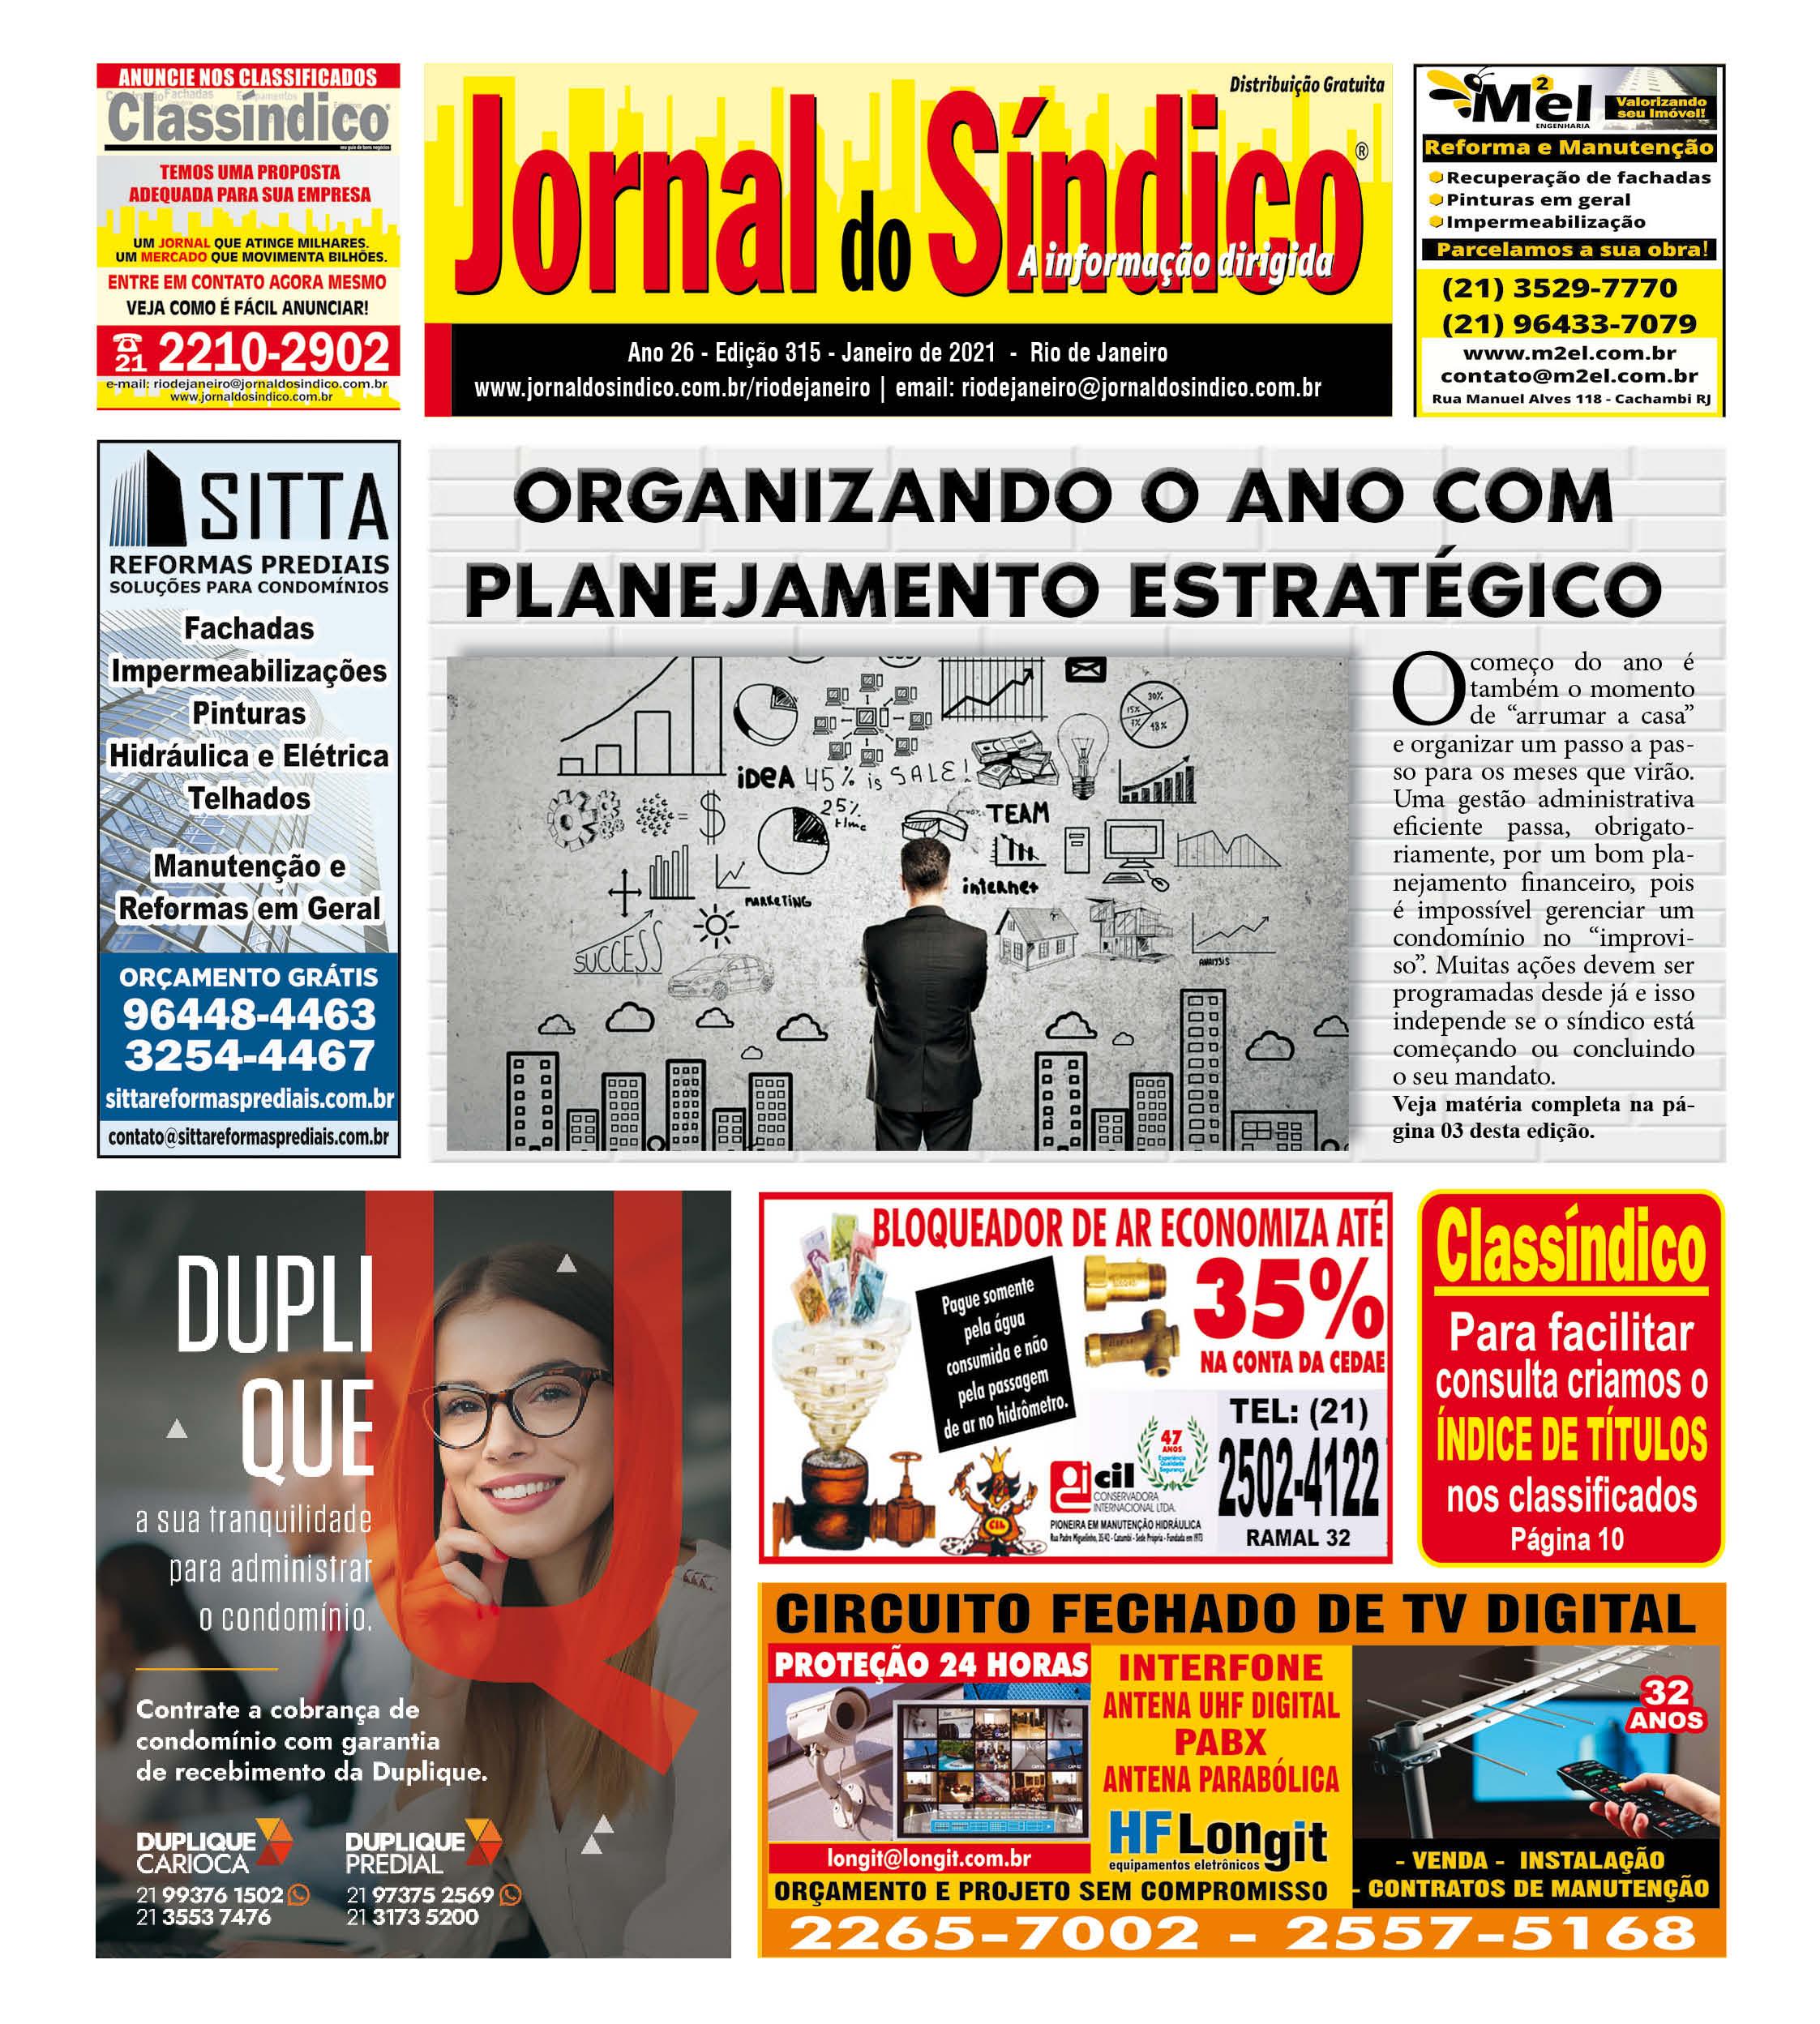 JSRJ 315 - JANEIRO 2021 - 12 paginas